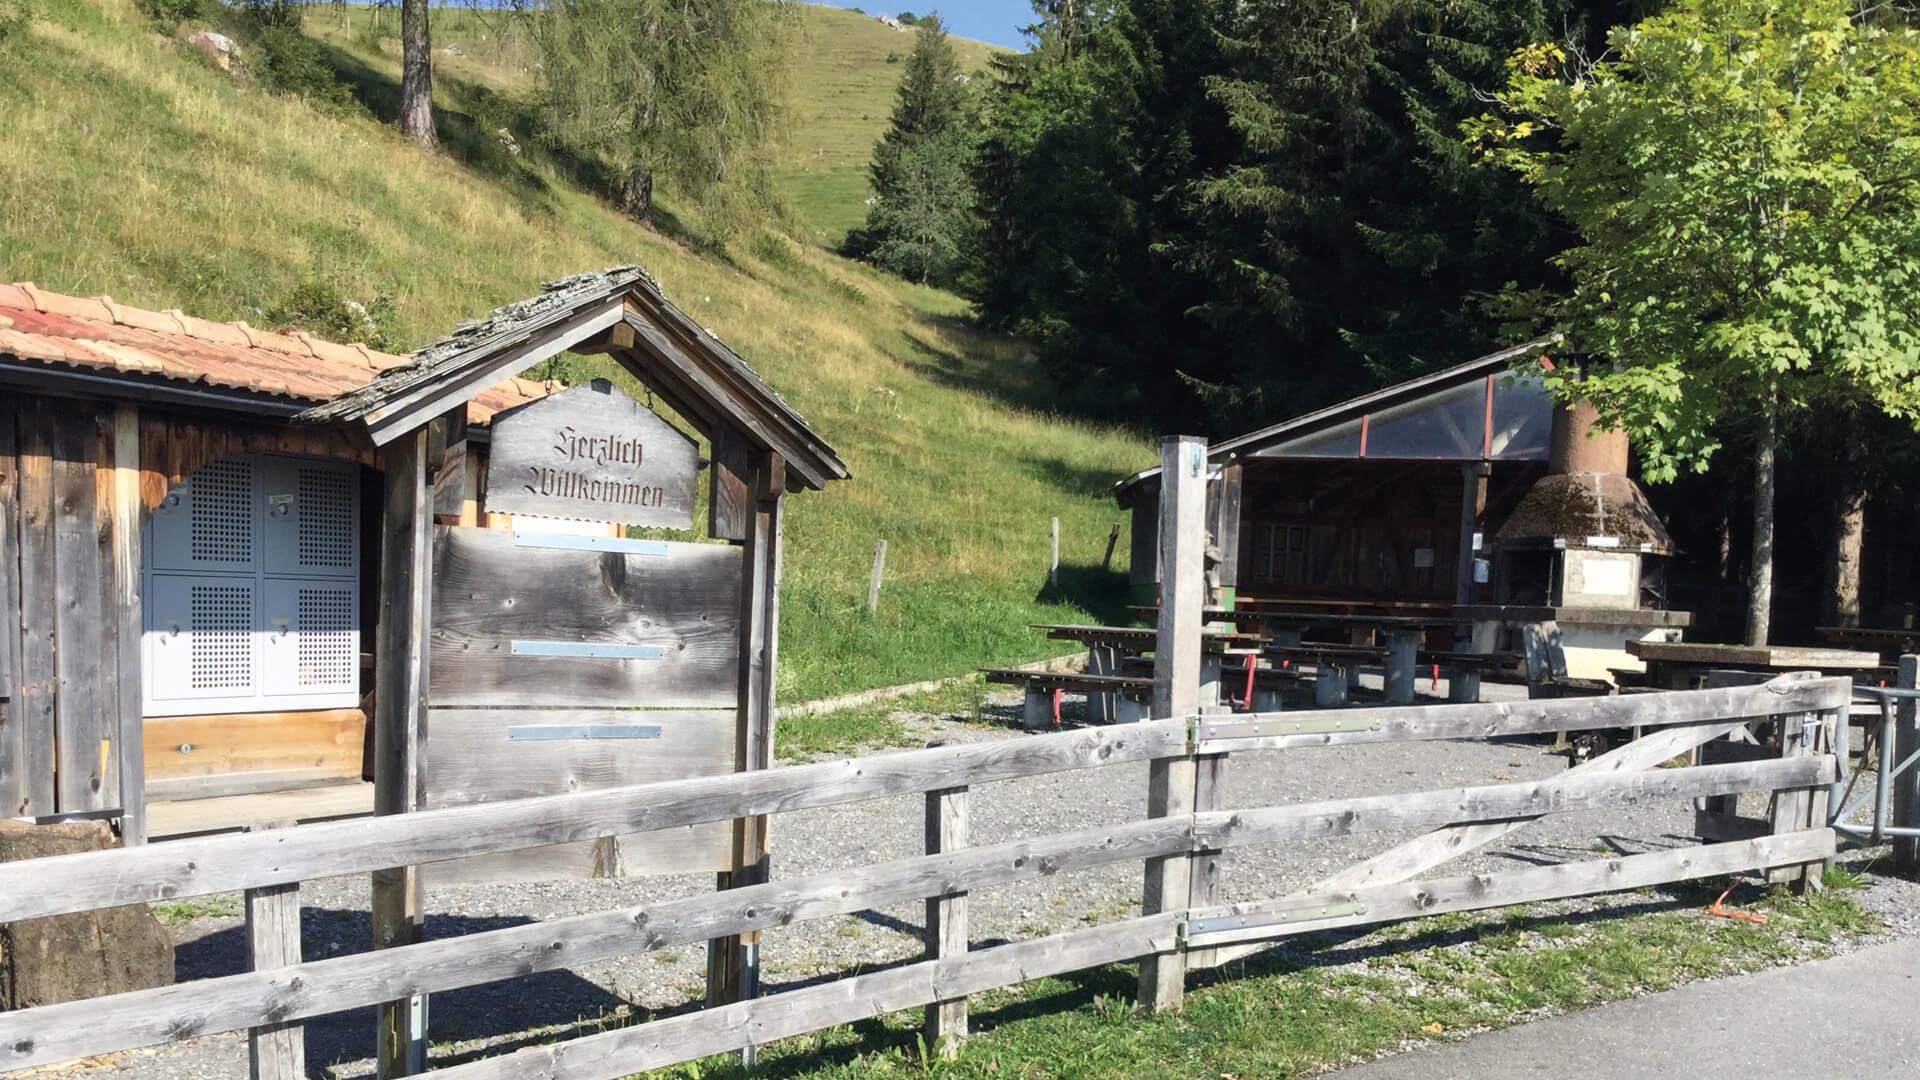 schwanden-grillplatz-stampf-sommer